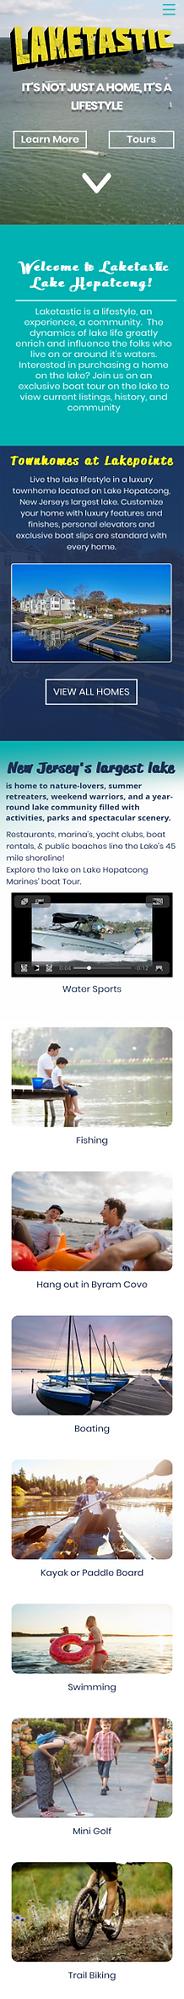 Laketastic Mobile Site.png